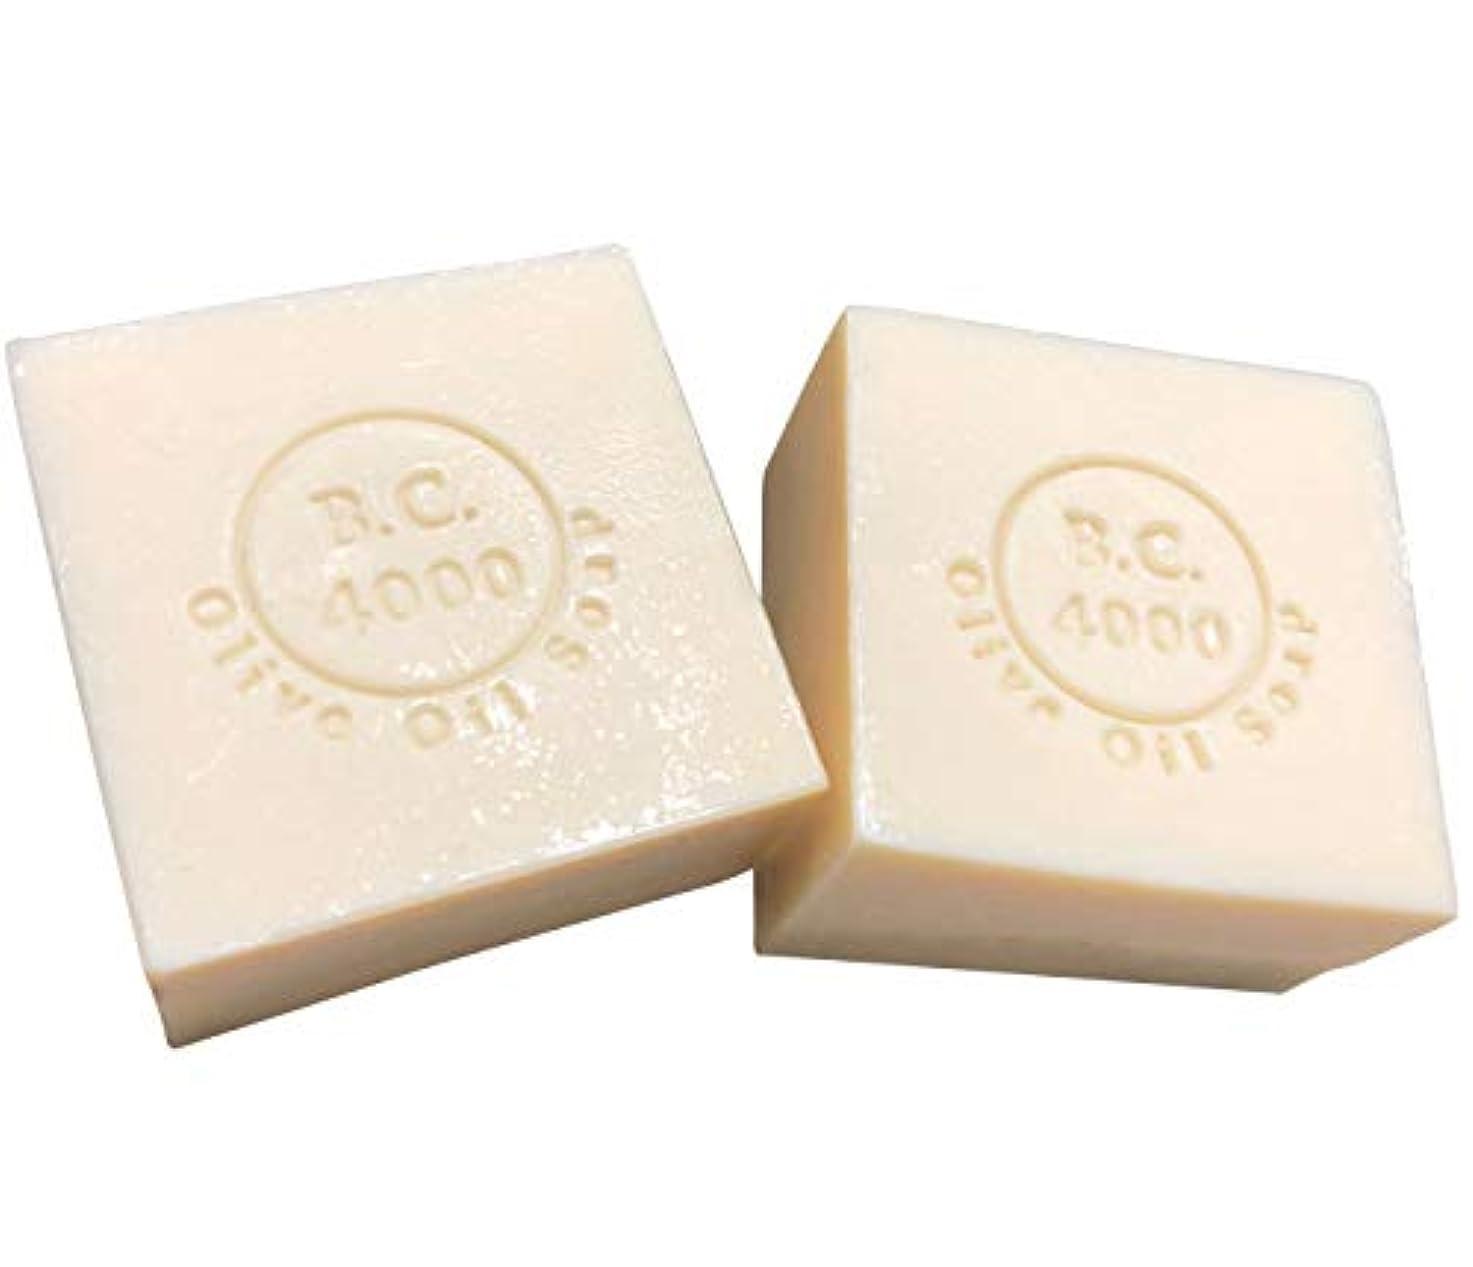 物思いにふける分注するアクティブ100% バージンオリーブオイル石鹸 B.C.4000 オーガニック せっけん 100g 2個入